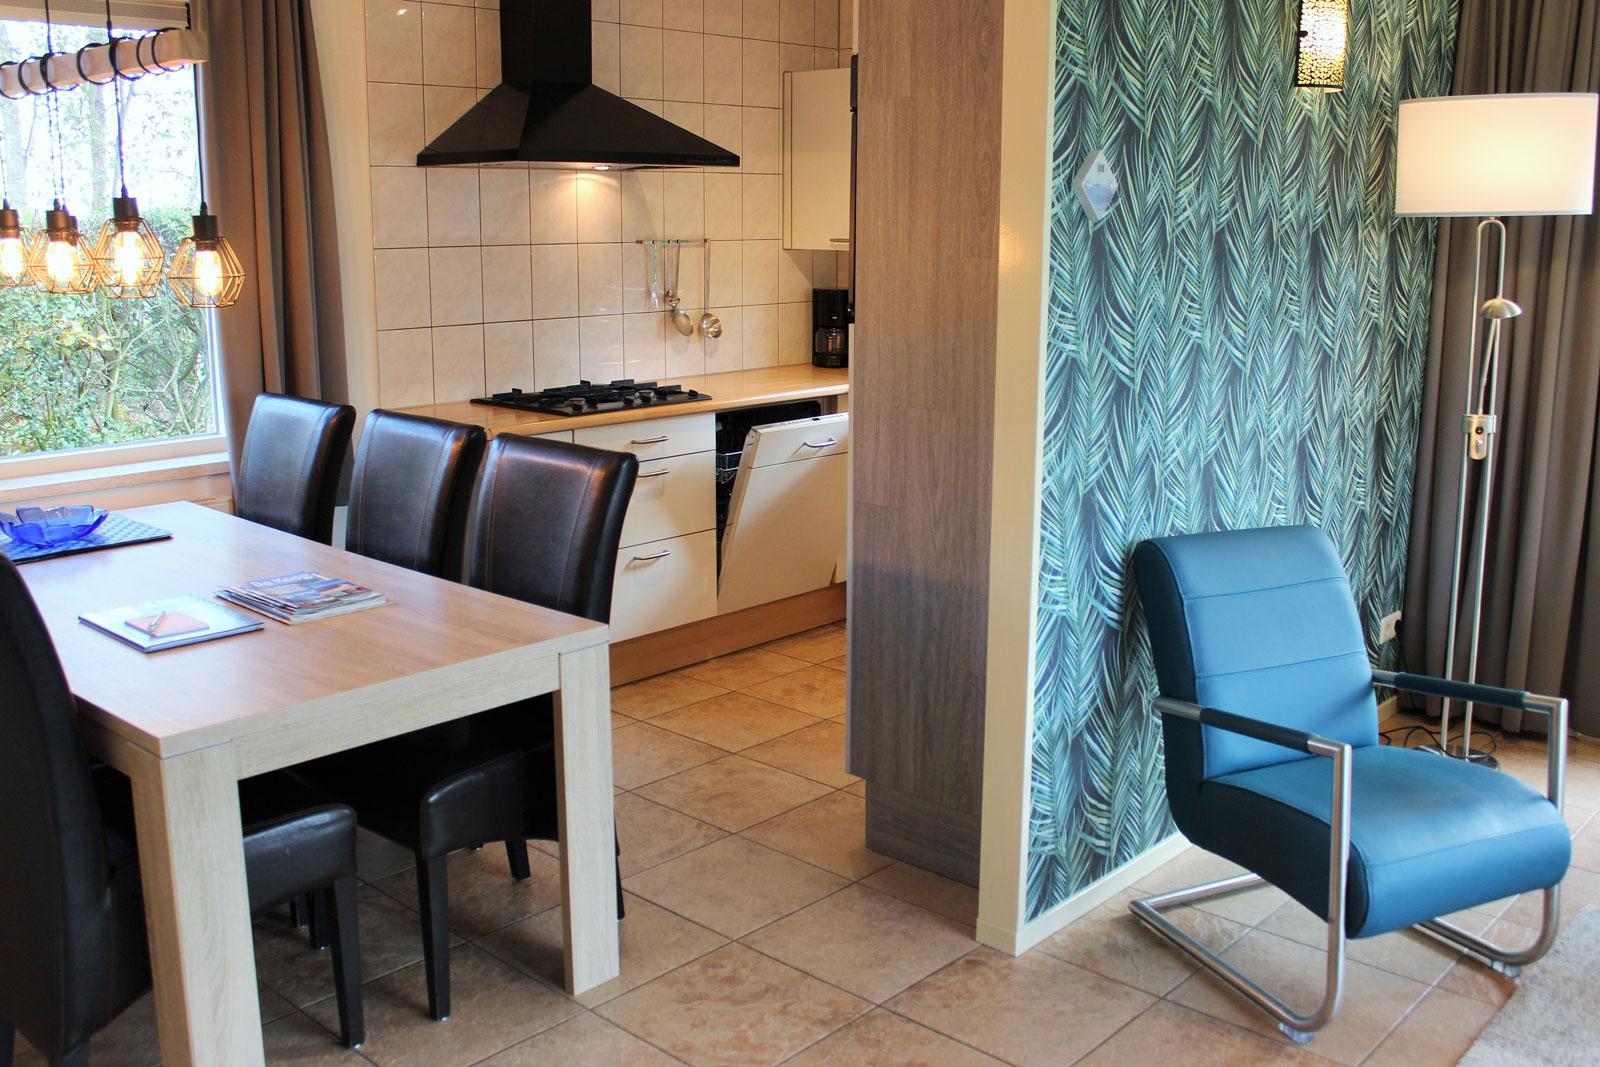 vakantiehuizen nr 12 en 14 keuken